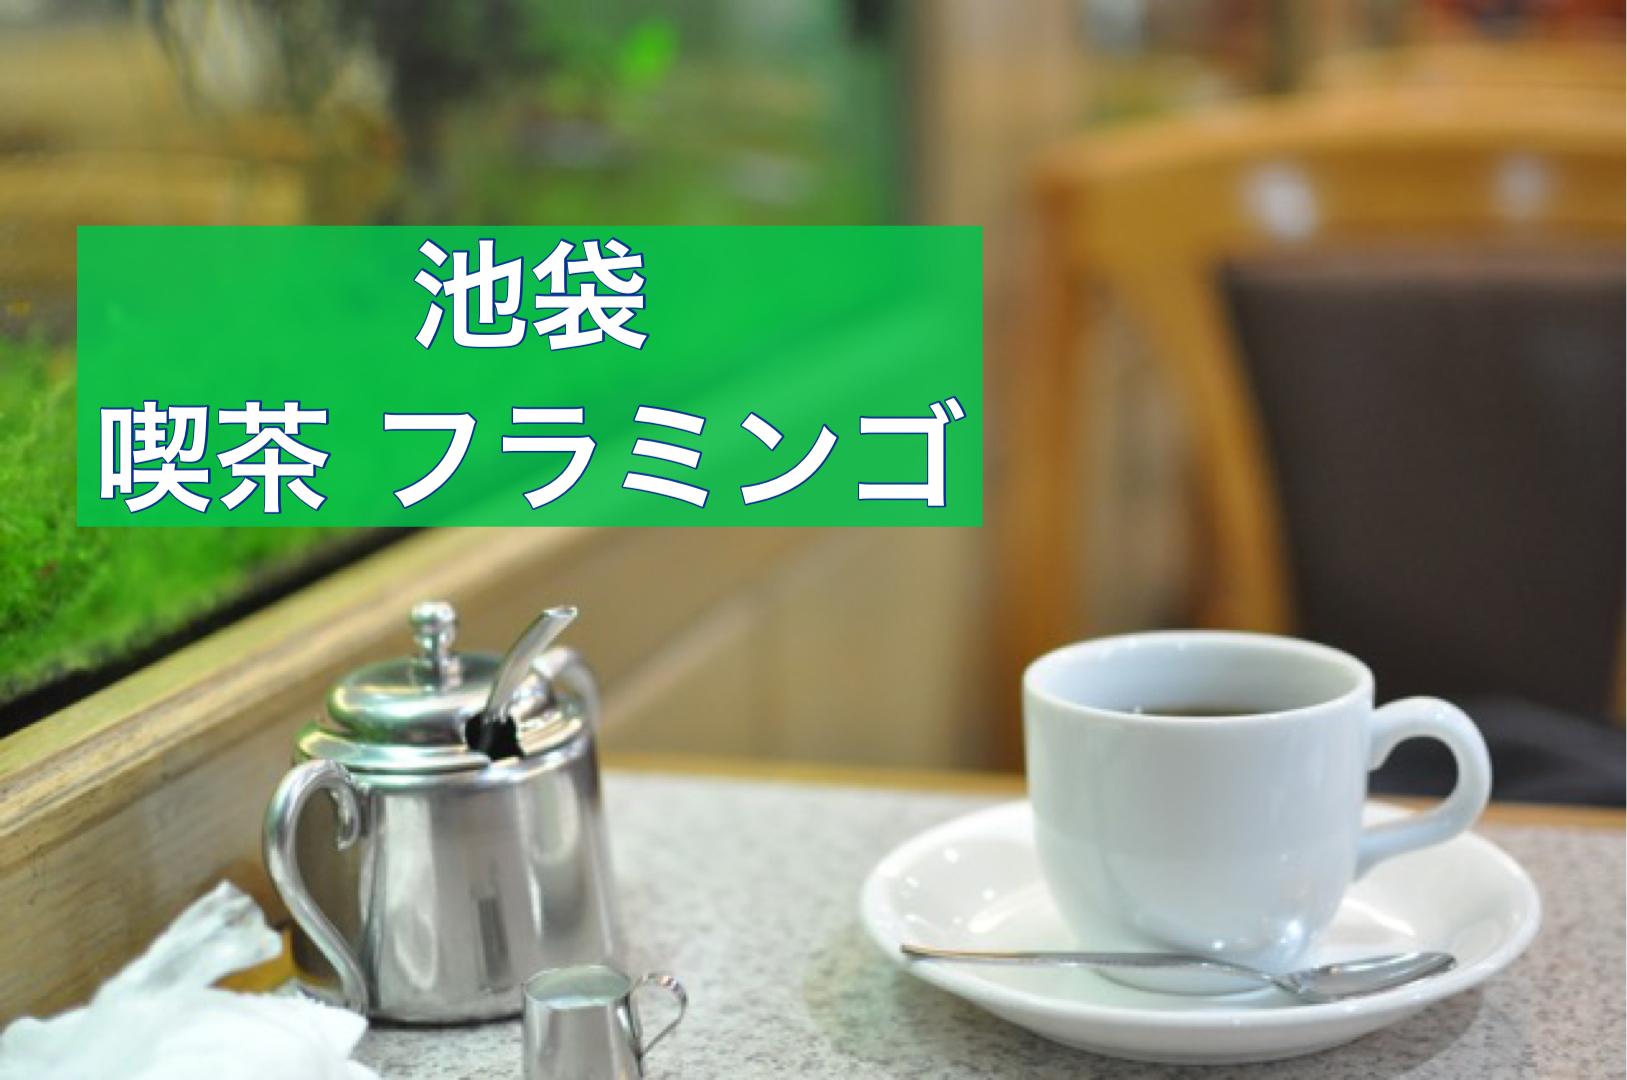 池袋 喫茶フラミンゴ